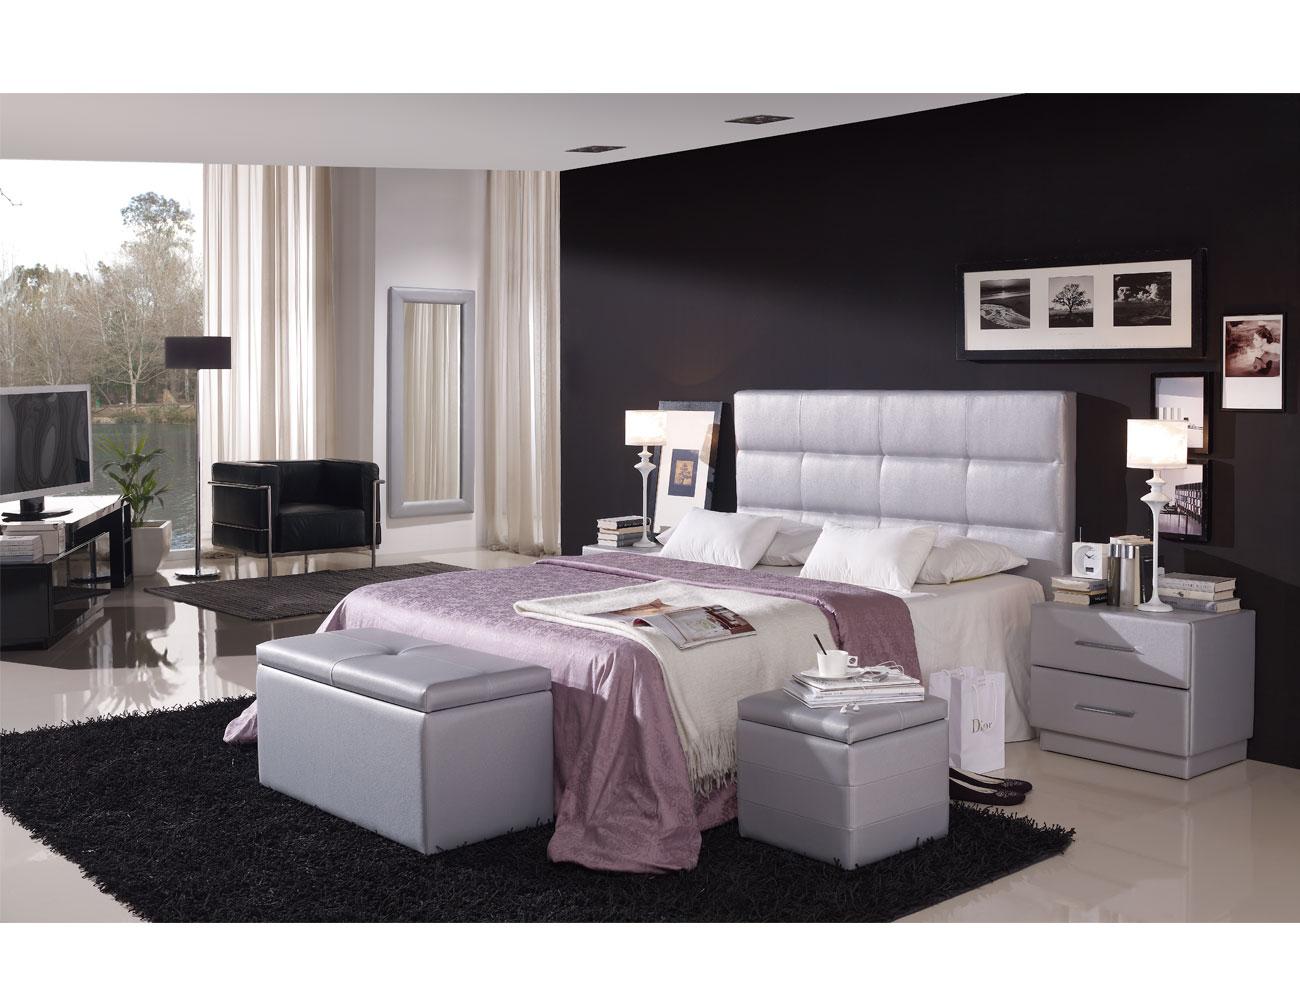 23 marco tapizado dormitorio918